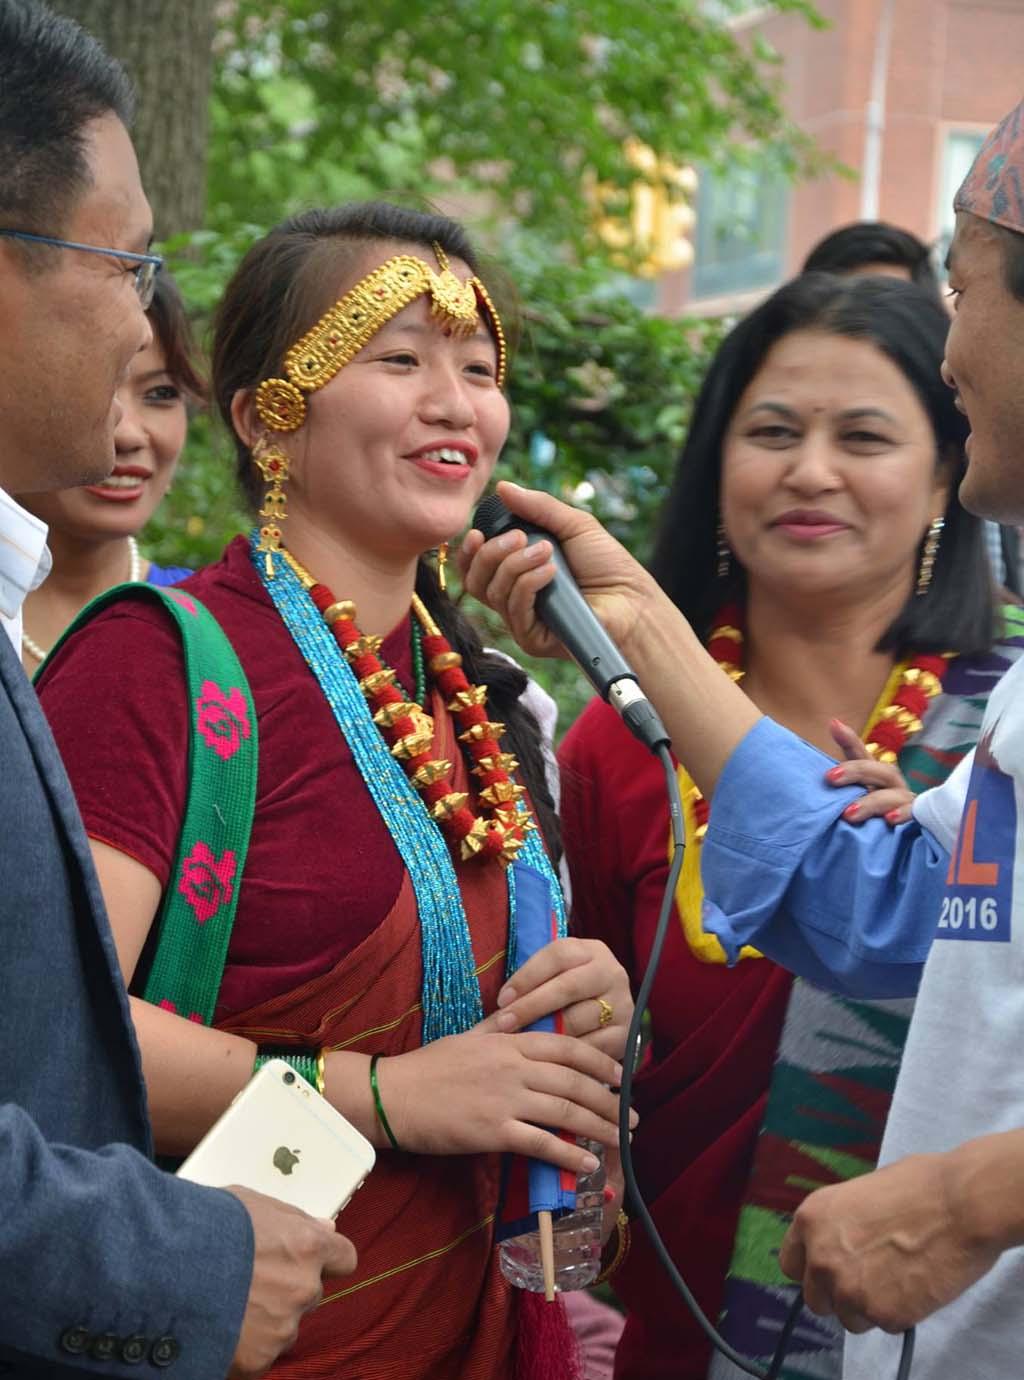 magarusa-at-nepal-day-parade-2016-new-york-014